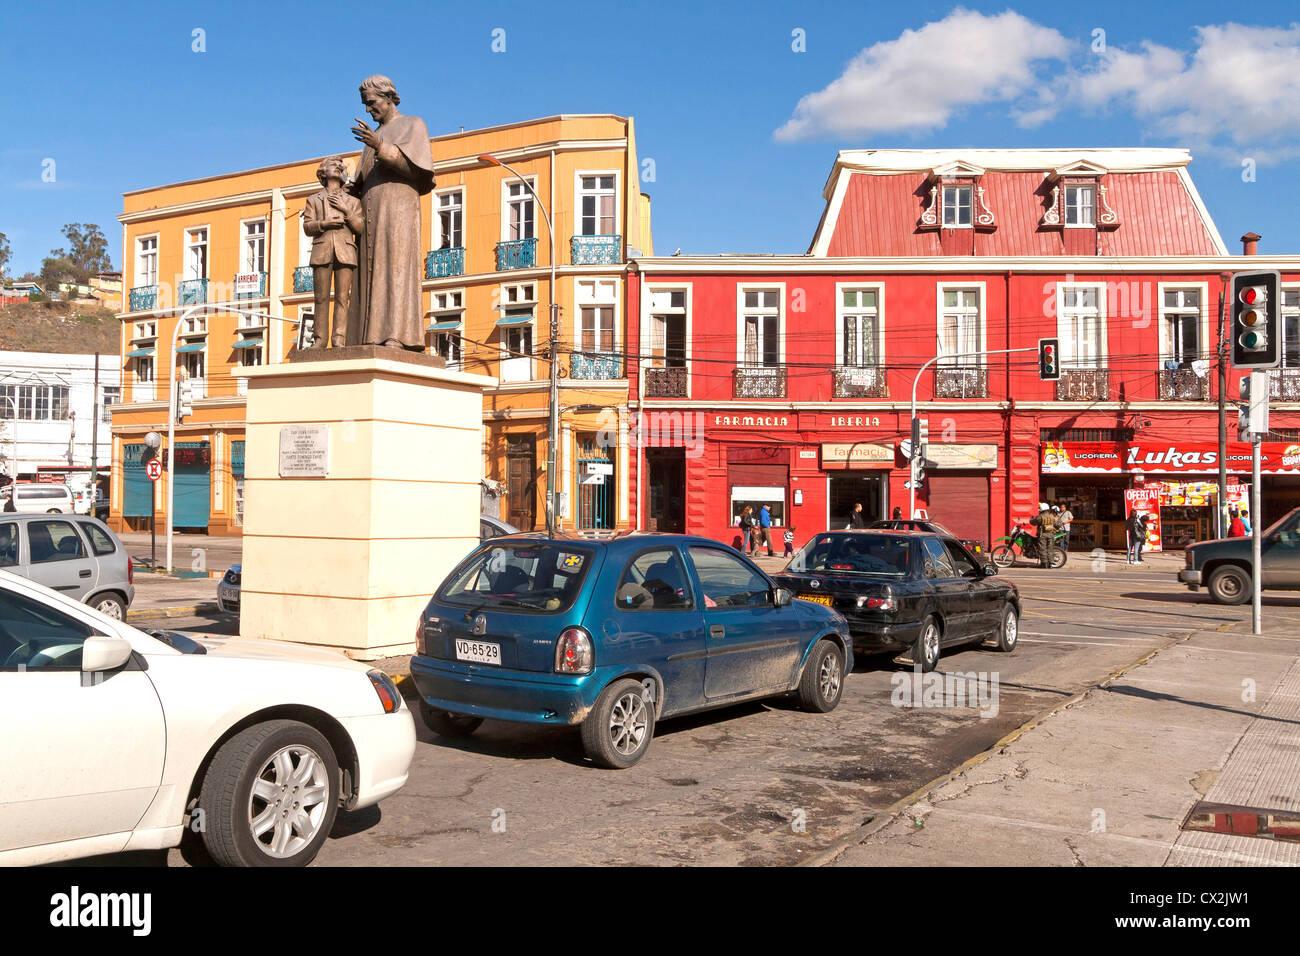 Vista degli edifici colorati, il centro città di Valparaiso, Cile Immagini Stock